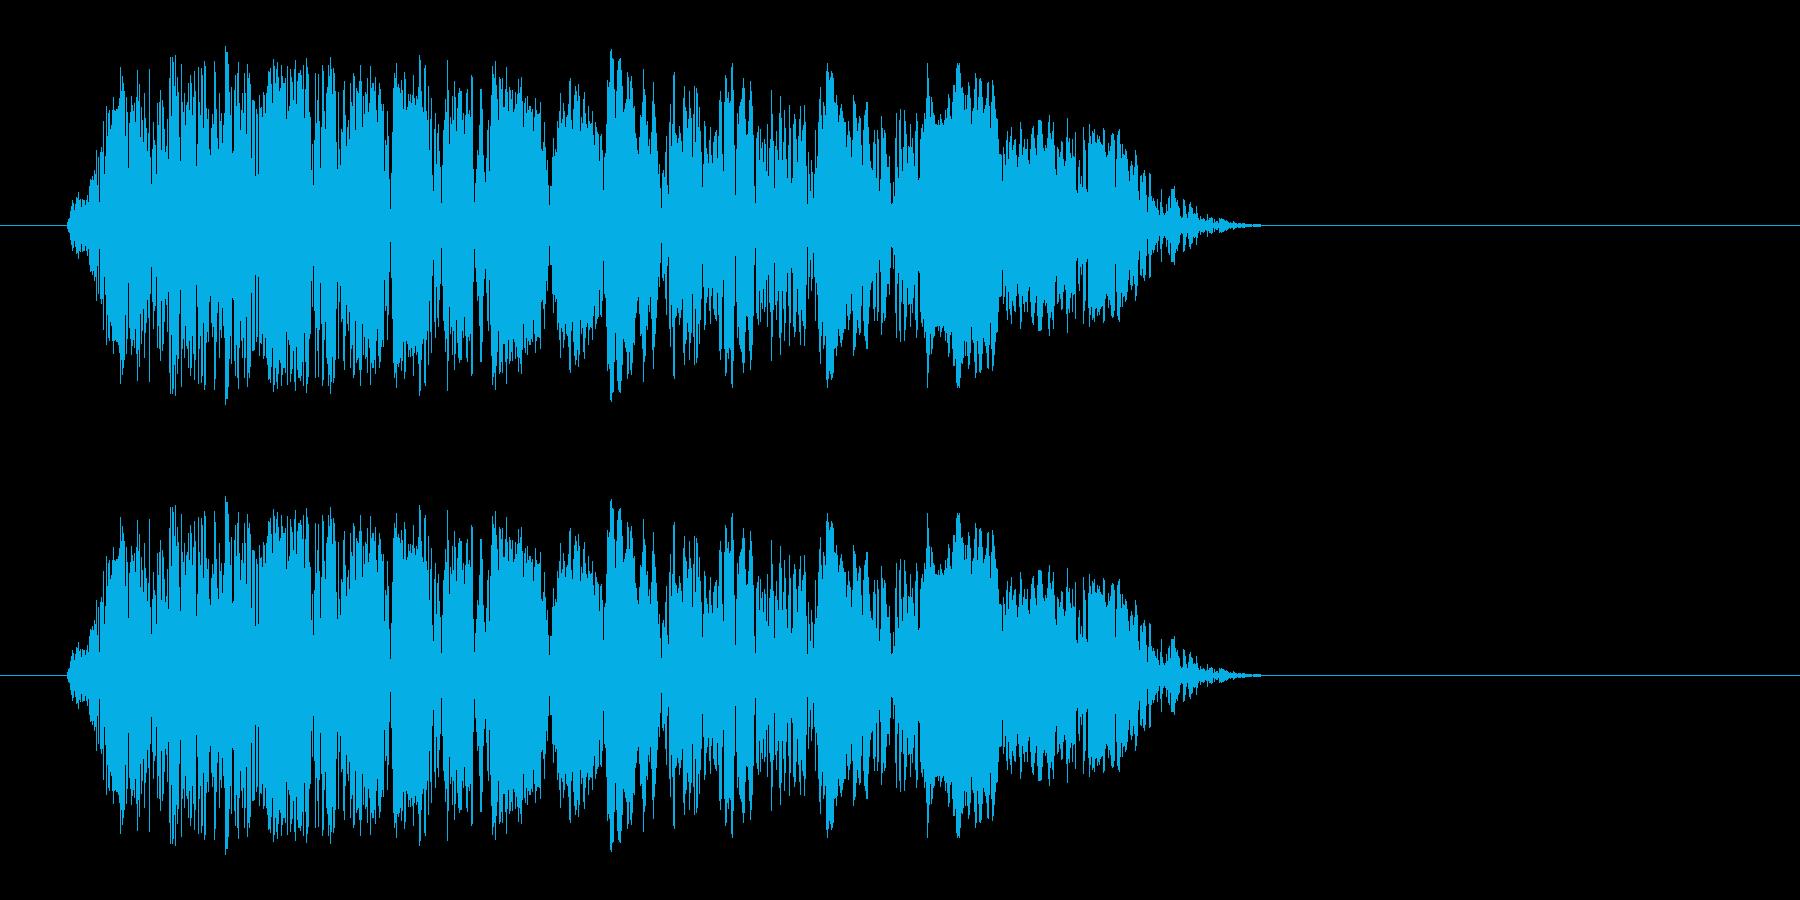 ドパン(植物が芽吹く音)の再生済みの波形